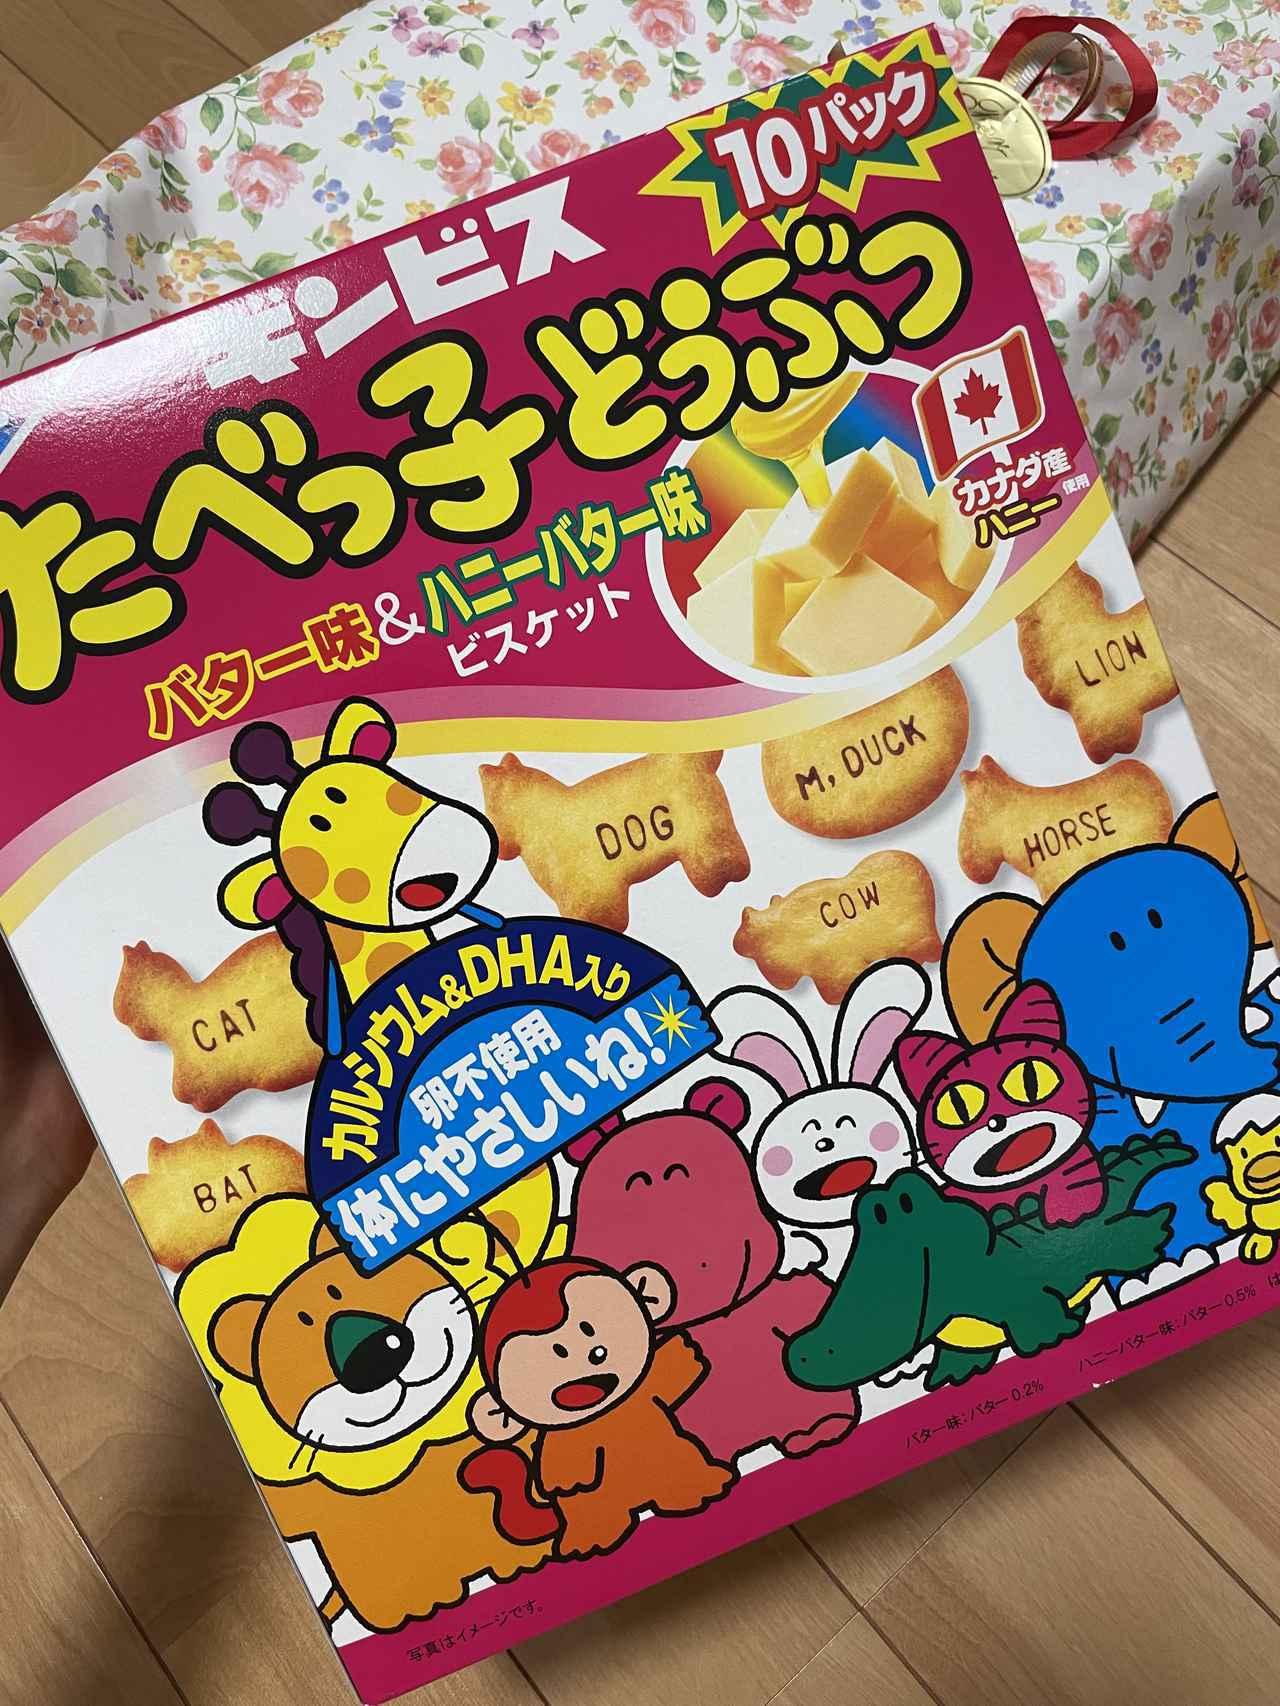 画像: 優しい片山さんはわたしがお菓子を好きなのを知ってくださり、たべっ子どうぶつを!!!嬉しい!